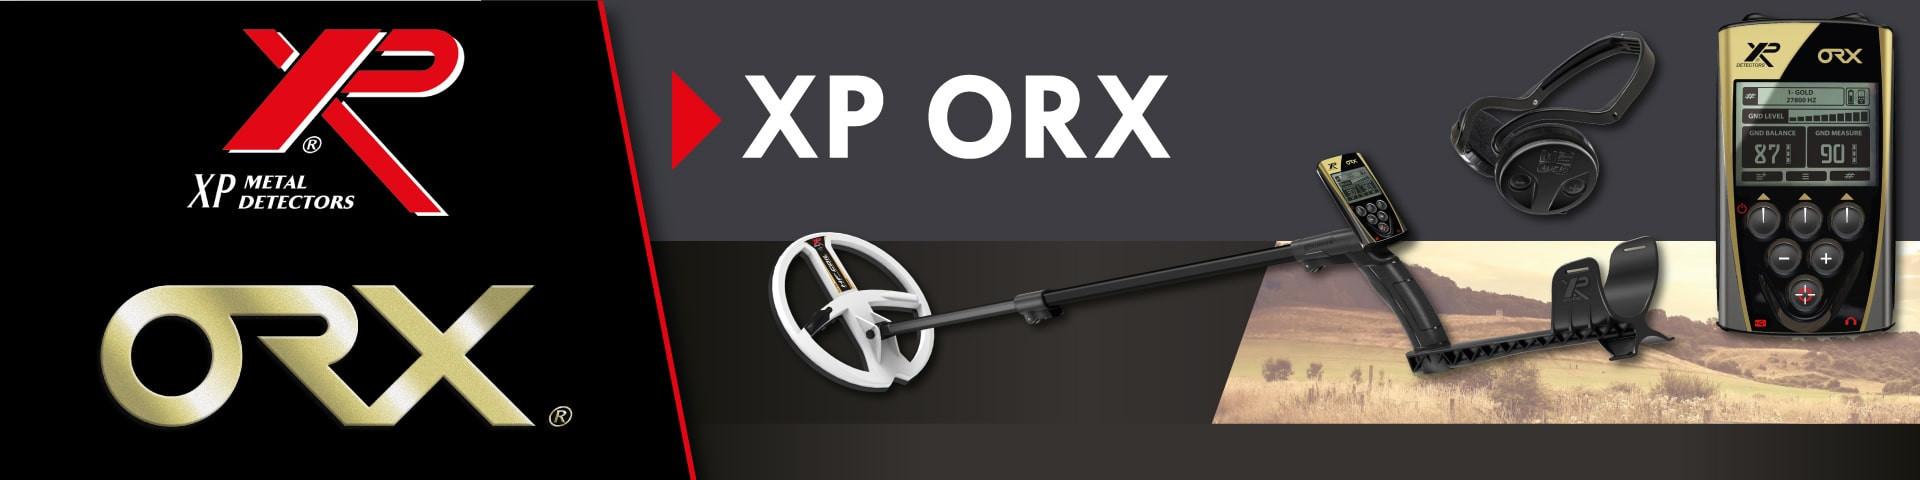 XP ORX